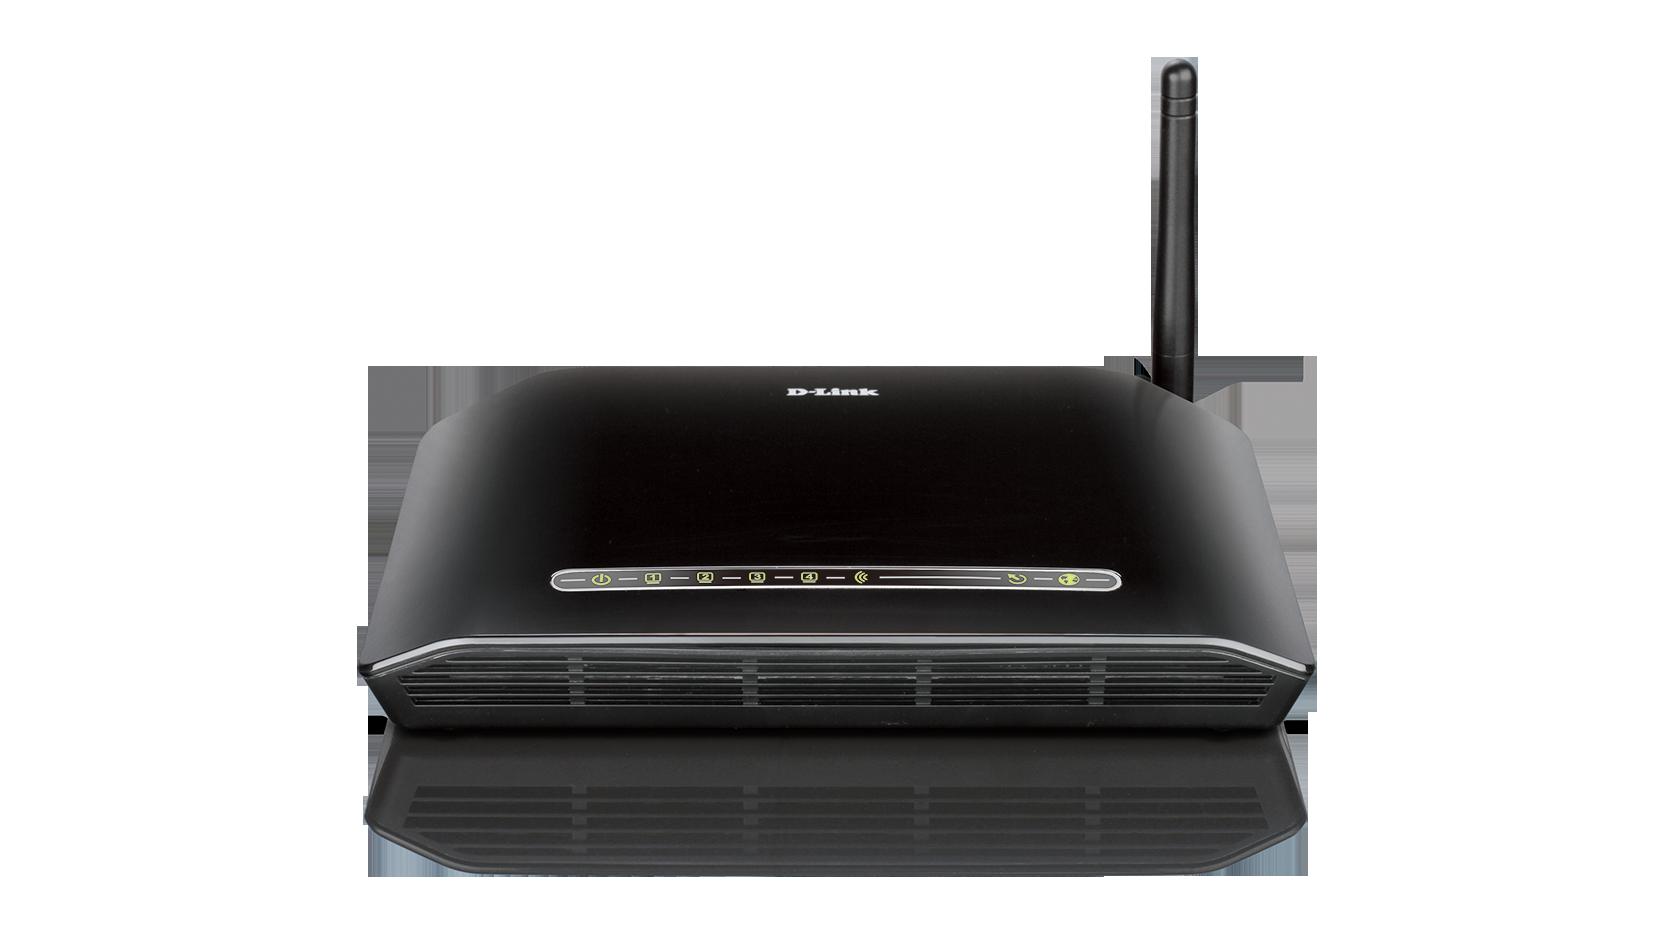 DSL-2640B Wireless G ADSL2+ Modem Router | D-Link UK